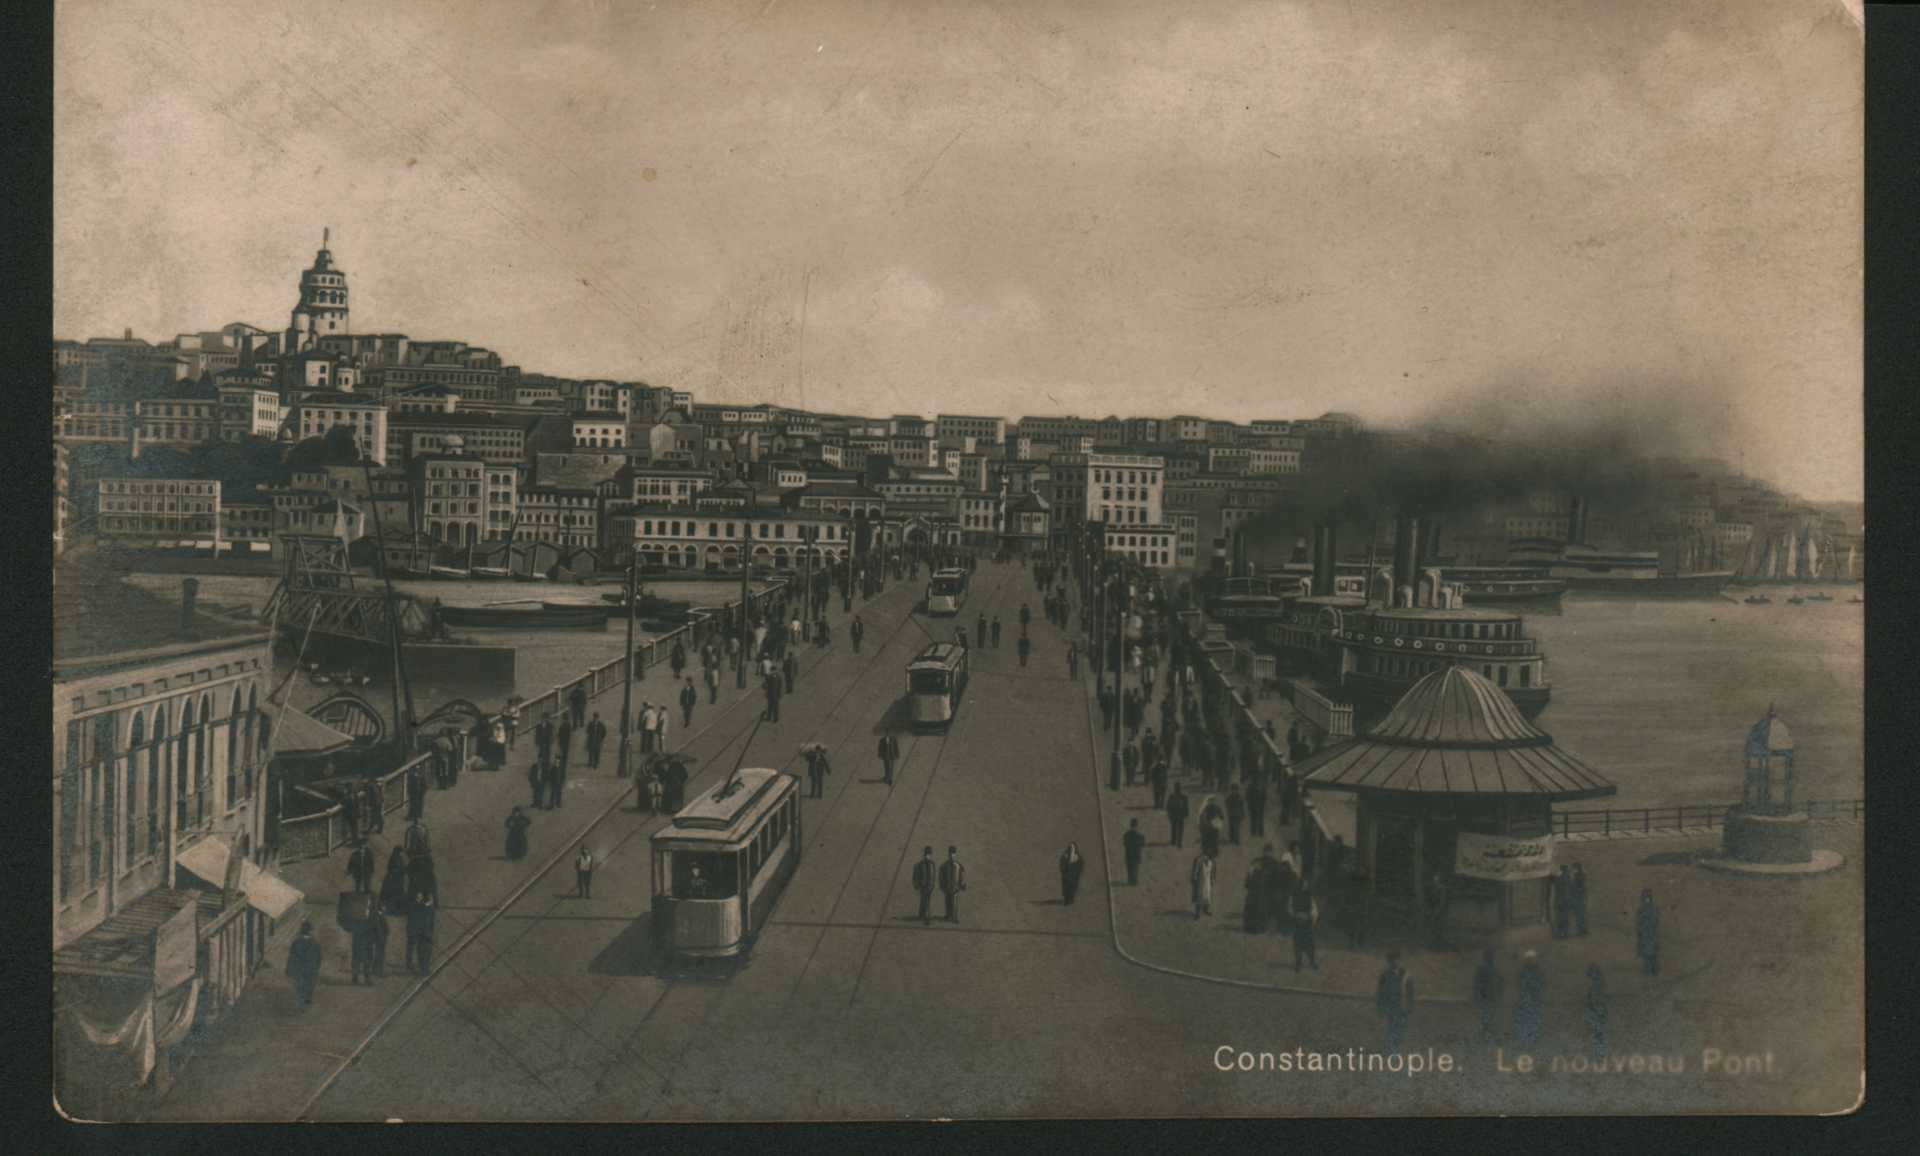 Constantinople. Le nouveau Pont